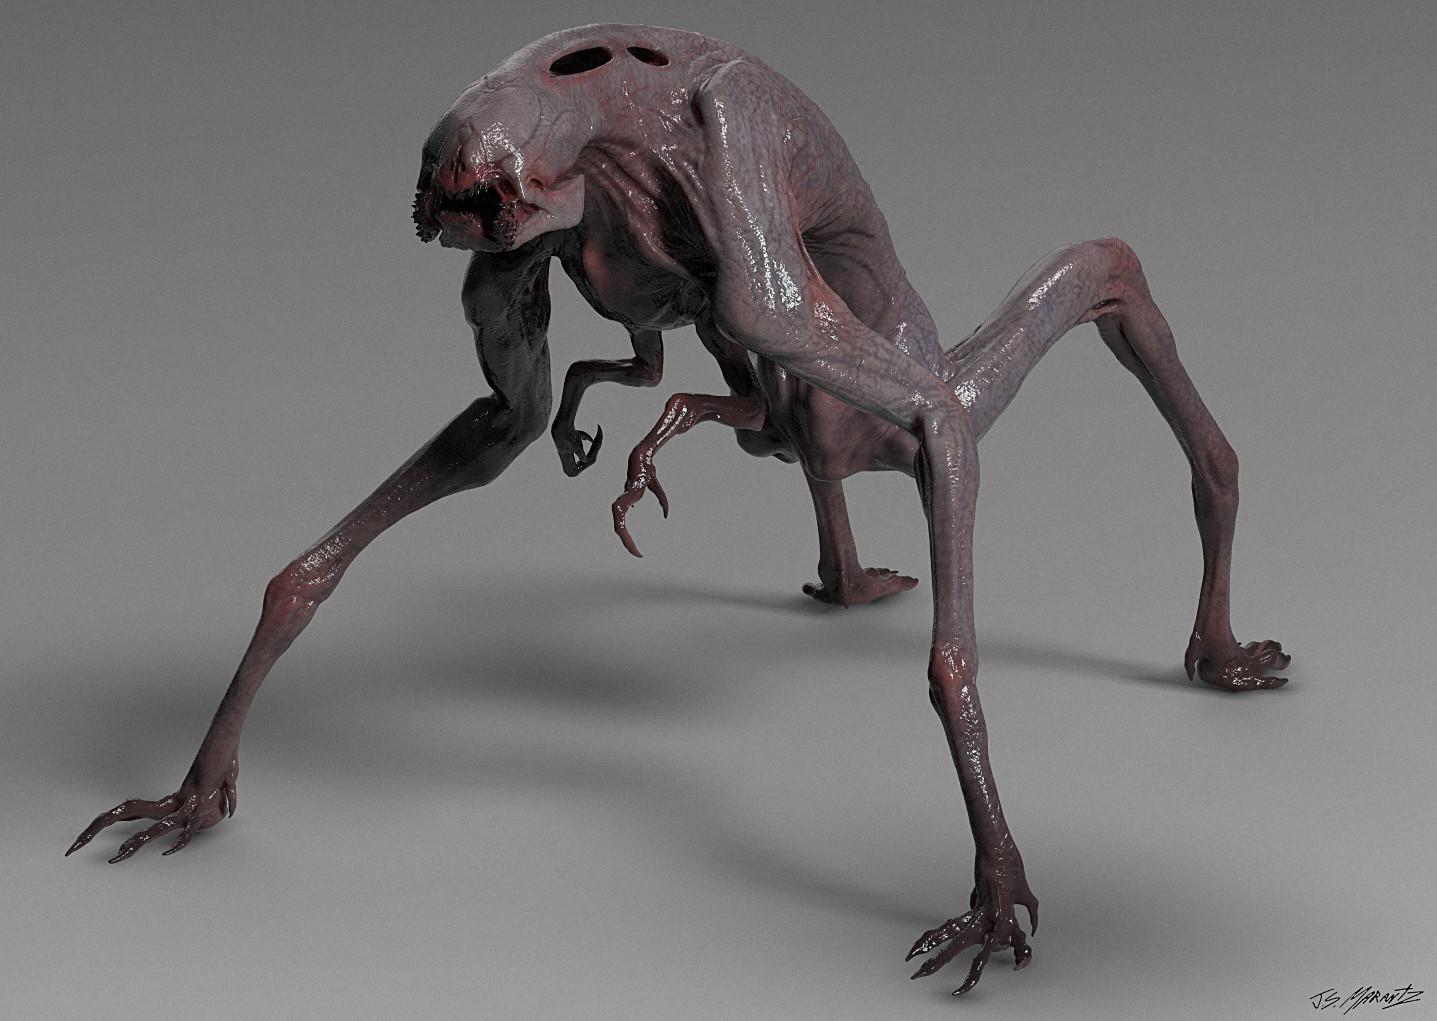 Jerx marantz creature render 3